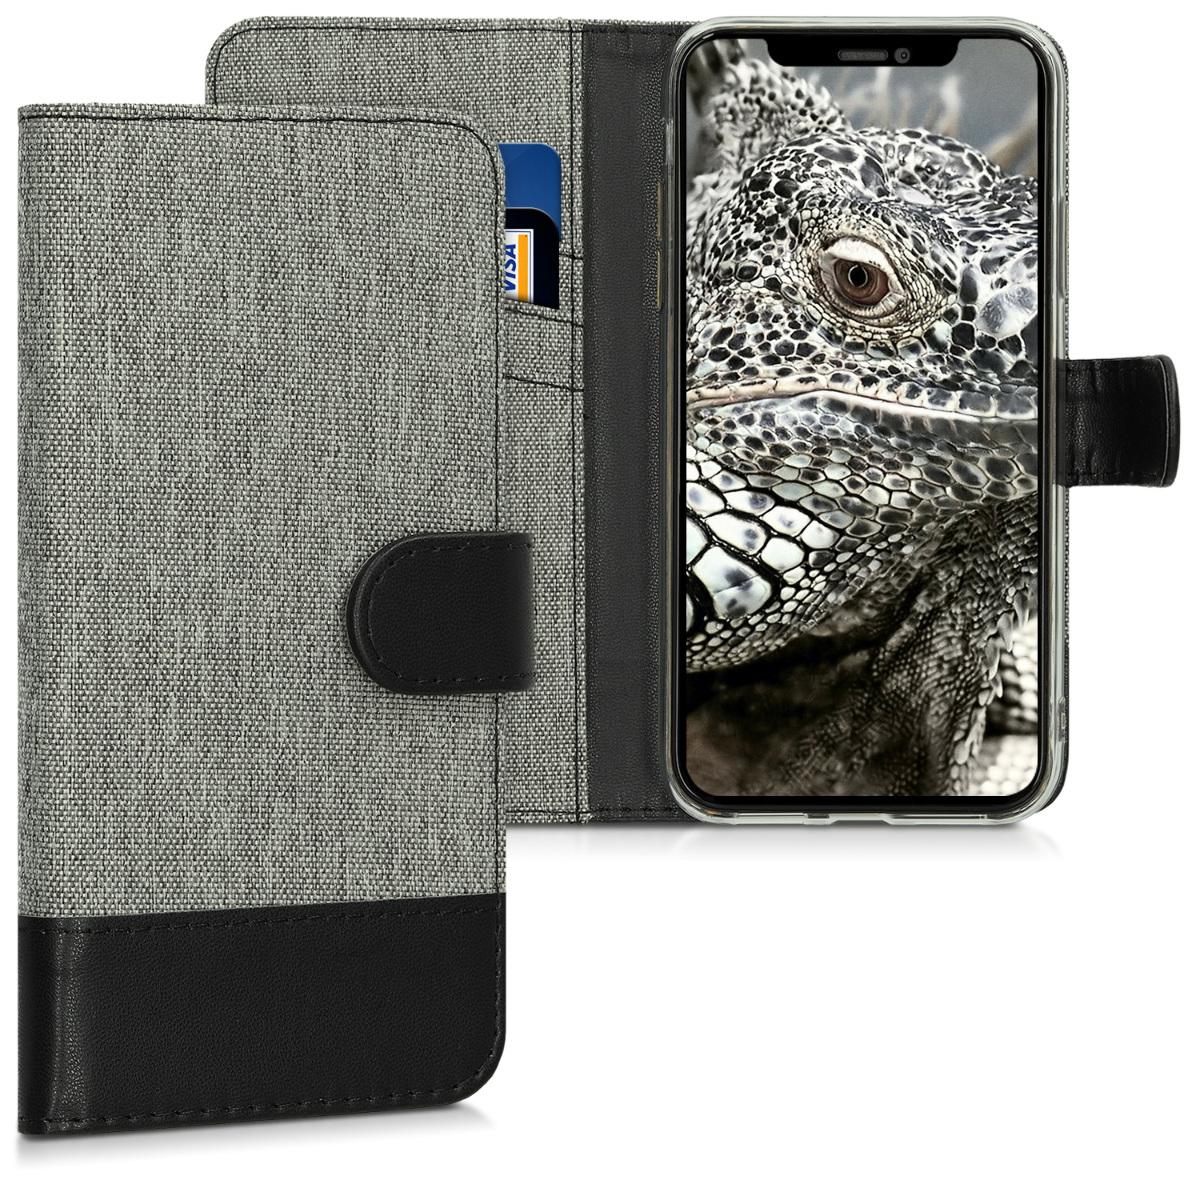 KW Θήκη Πορτοφόλι Apple iPhone XR - Συνθετικό δέρμα - Grey / Black (46688.01)